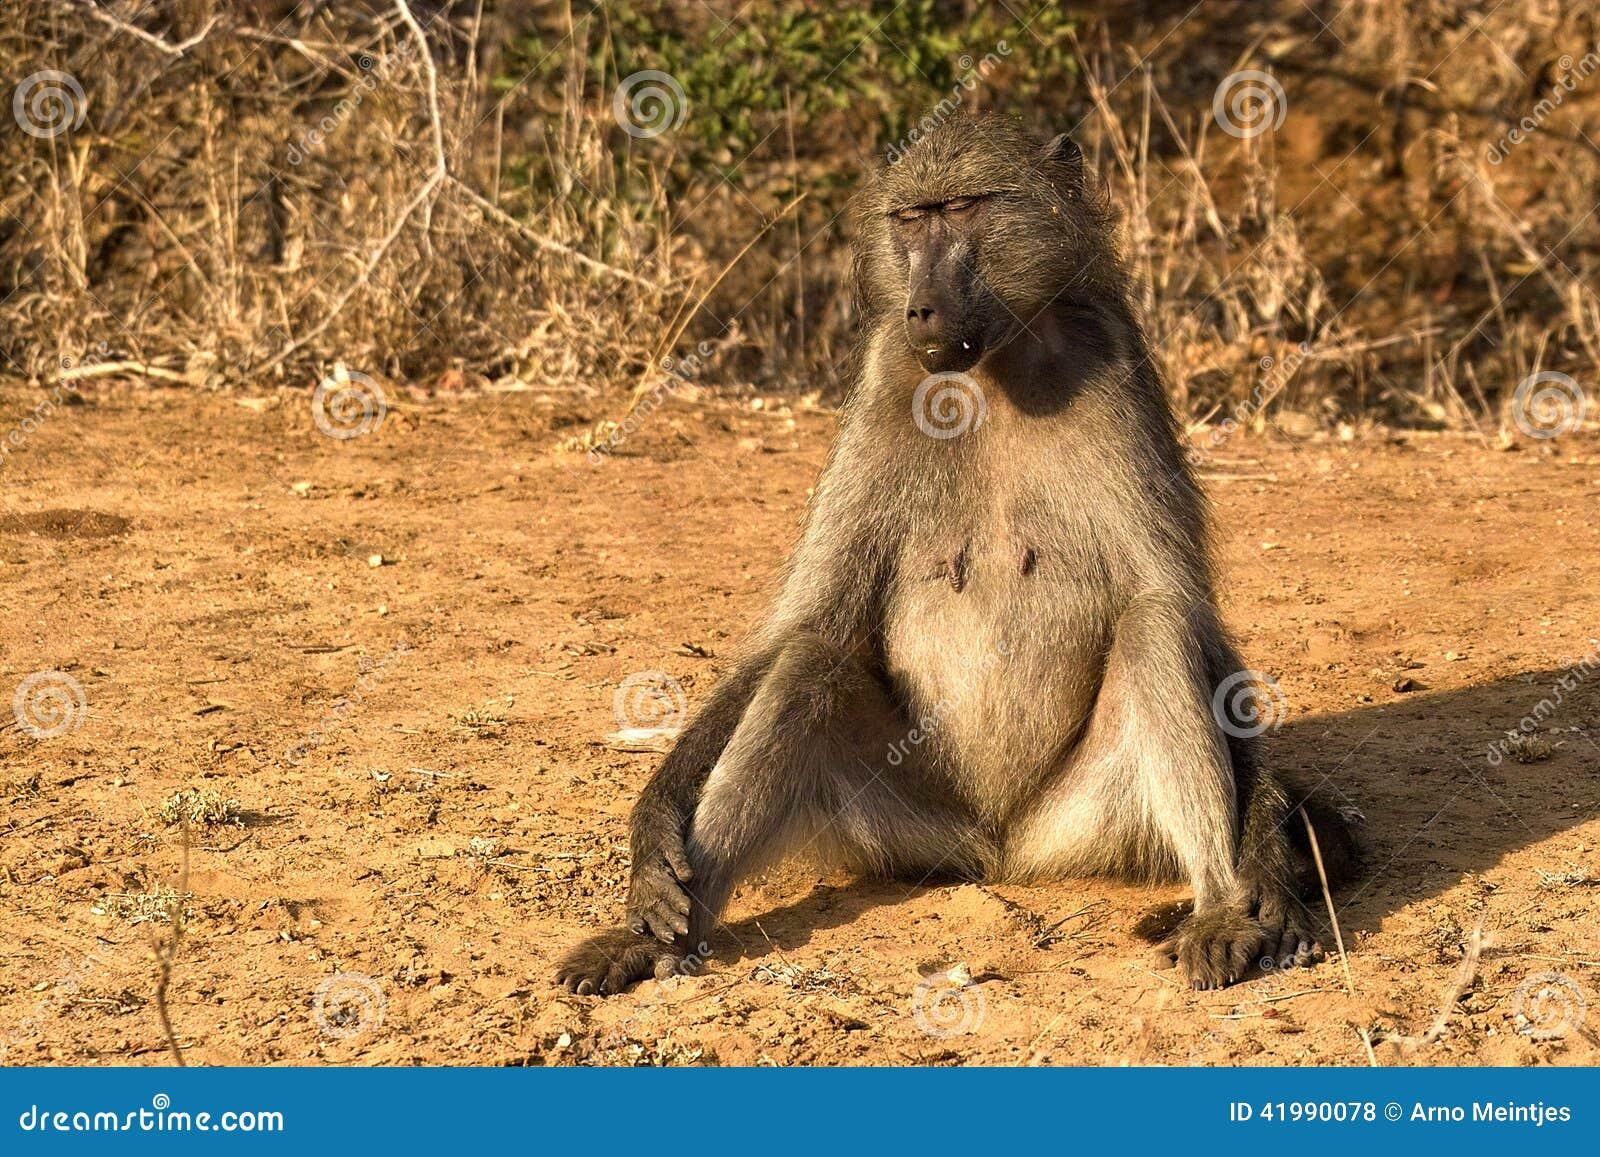 狒狒父亲狮子口下勇救幼崽_壁纸 动物 狮子 桌面 1300_957